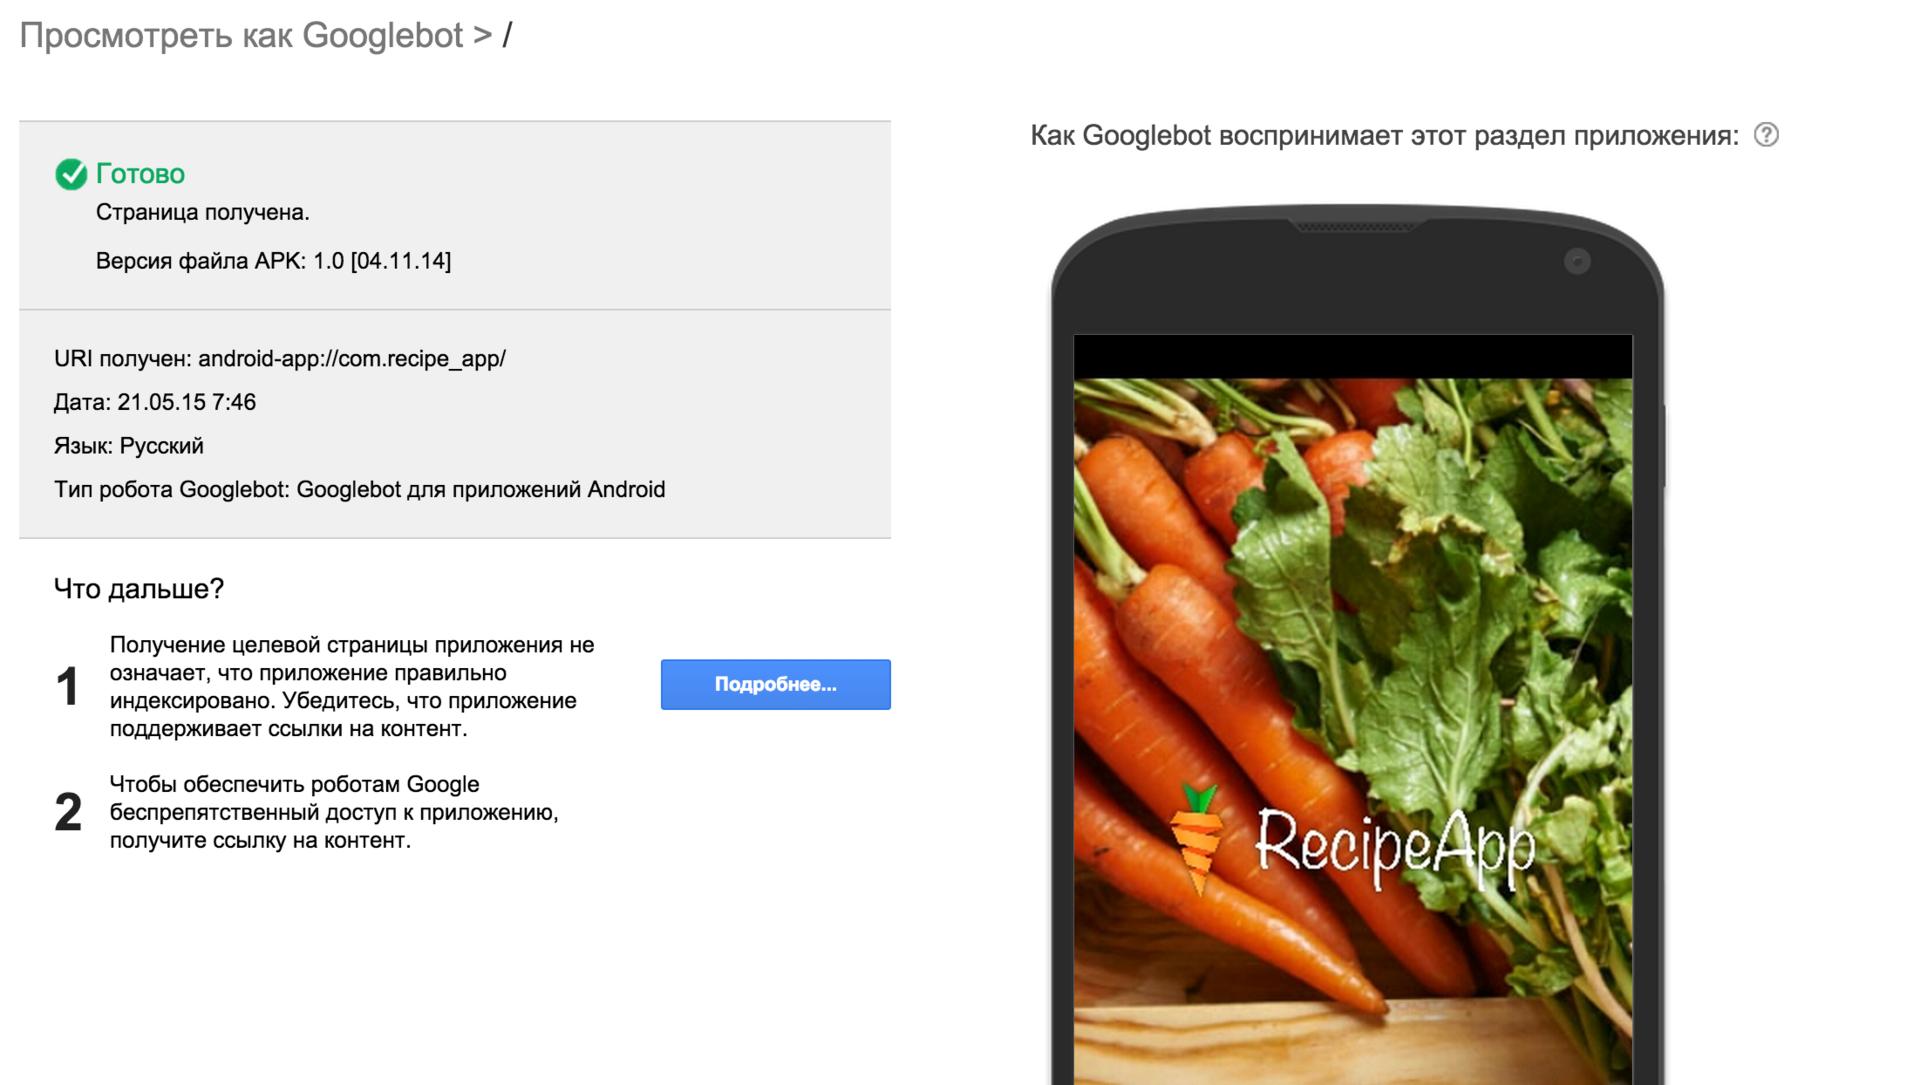 Просмотреть приложение как Googlebot